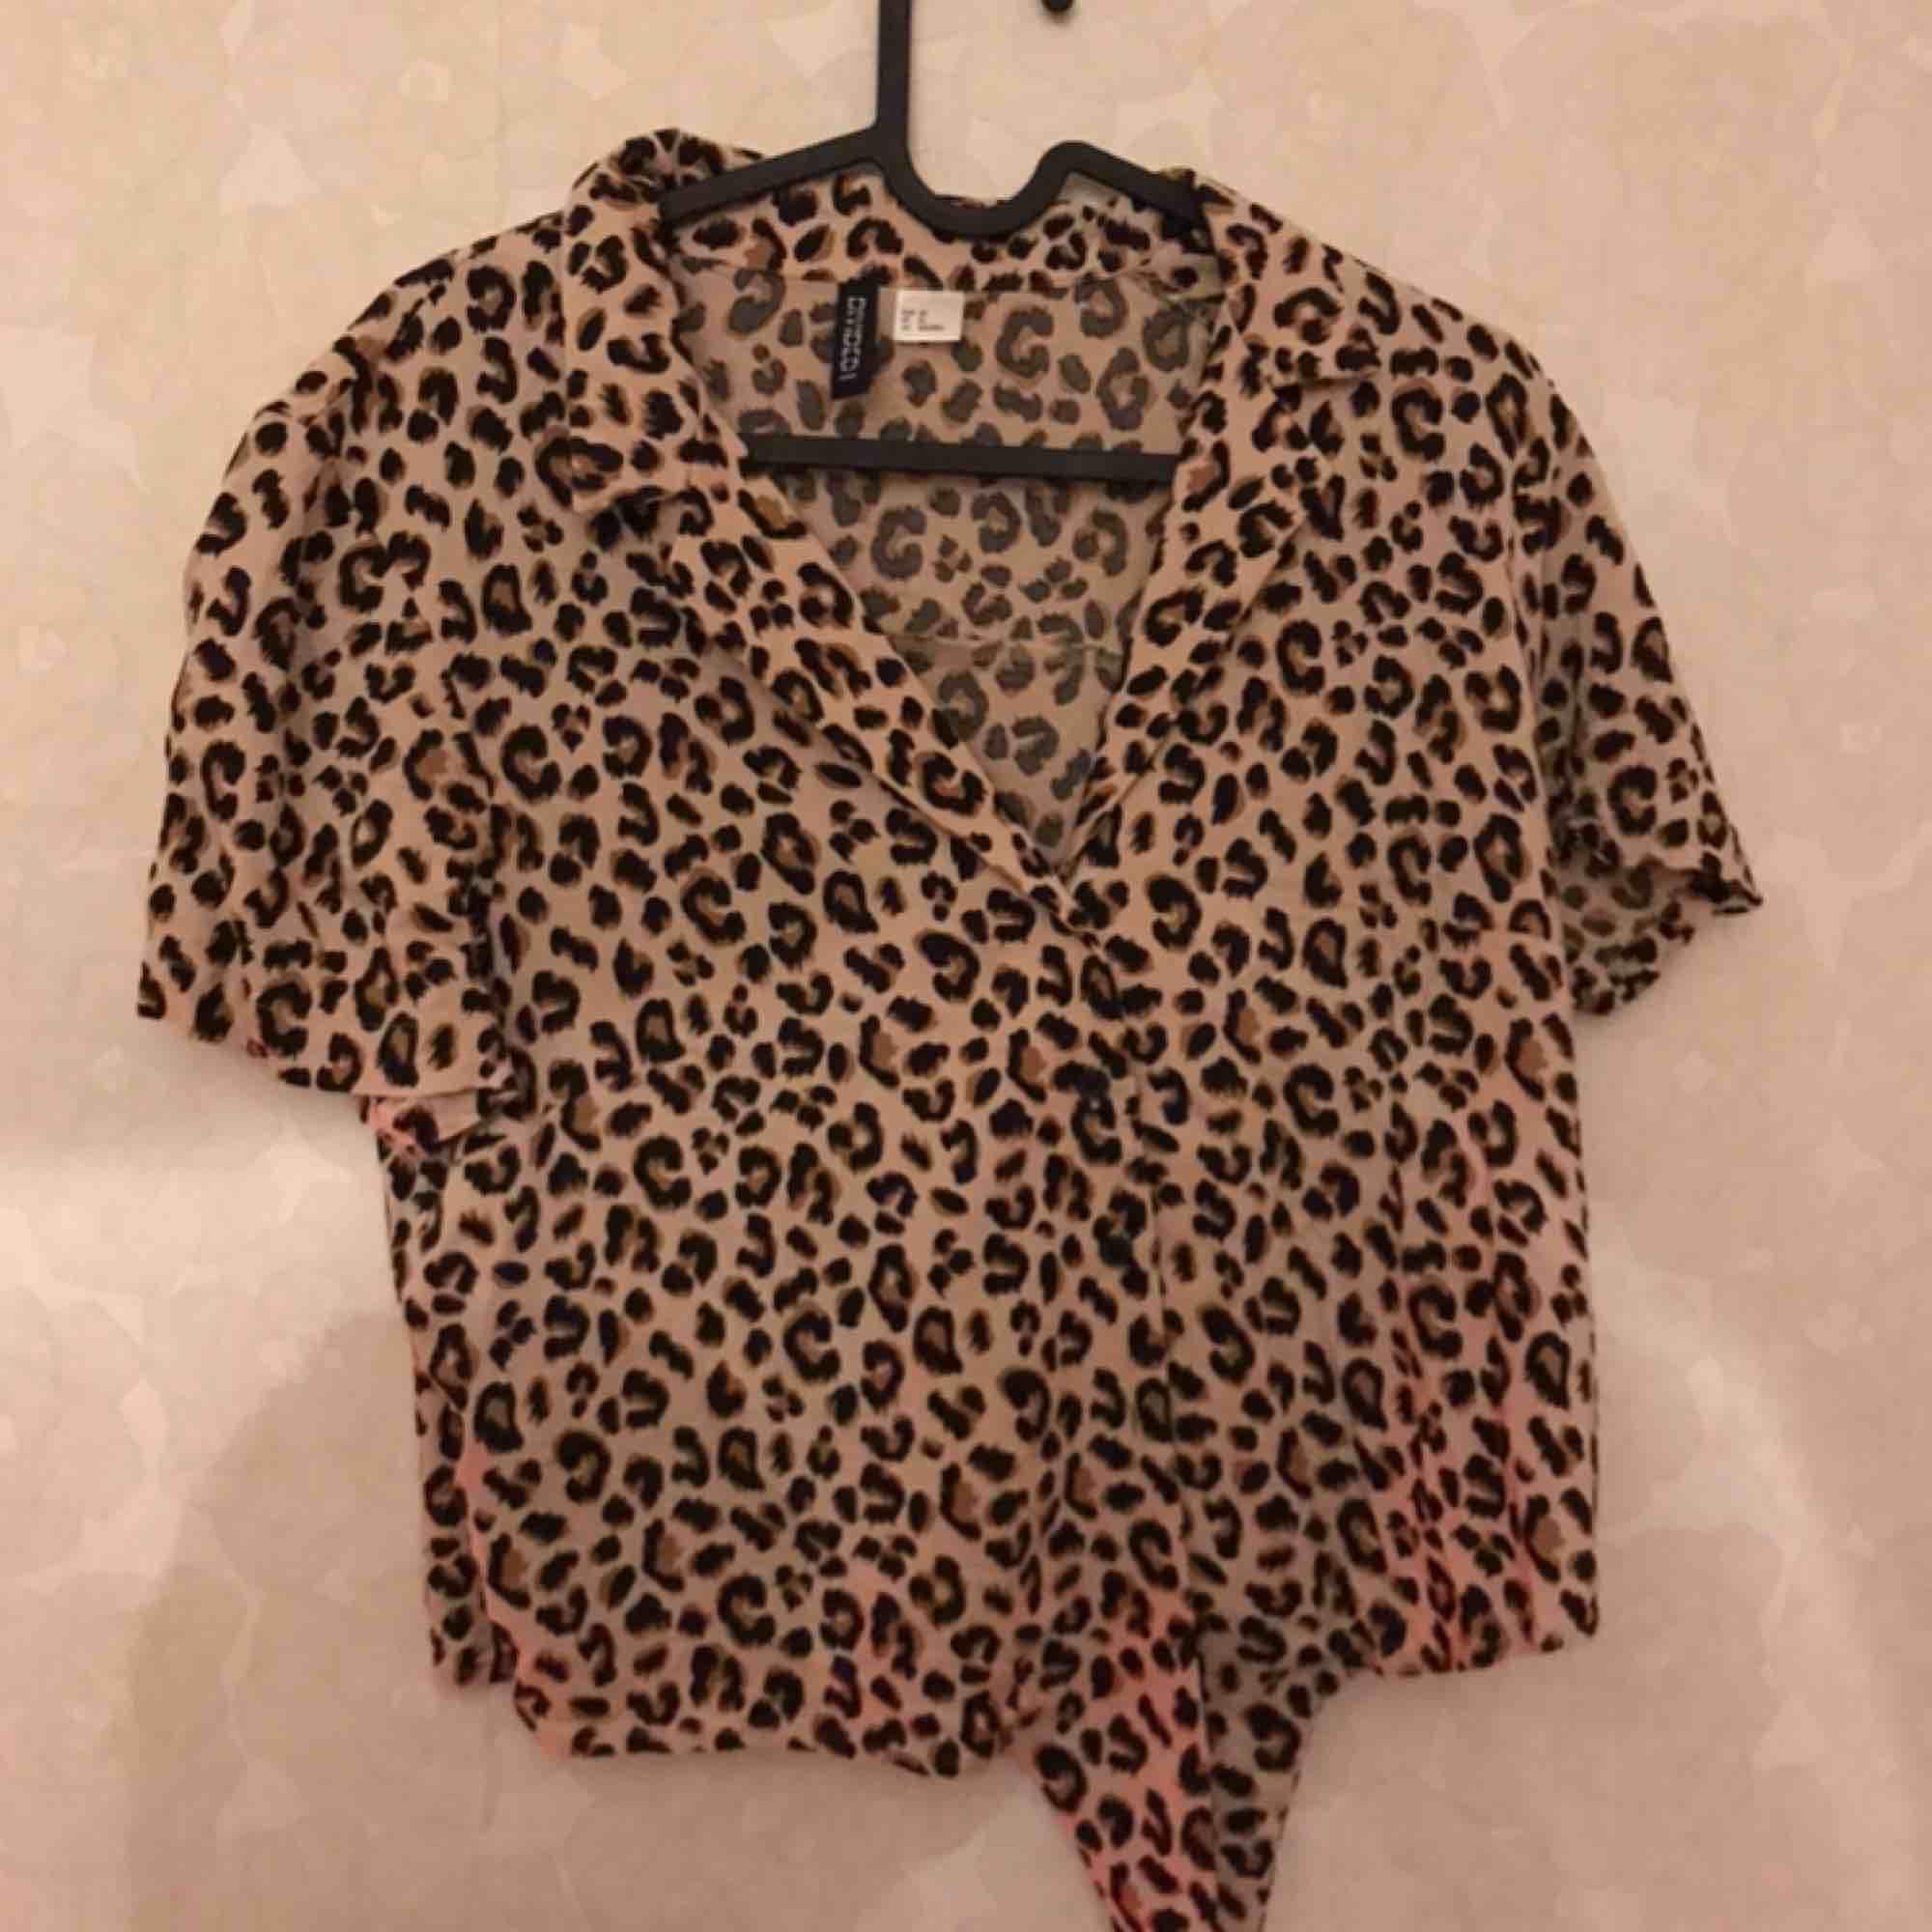 Säljer min snygga leopardmönstrade tröja ifrån H&M i storlek 38. Sluts med knappar och man kan knyta i änden utav tröjan. Använd 1 gång . T-shirts.